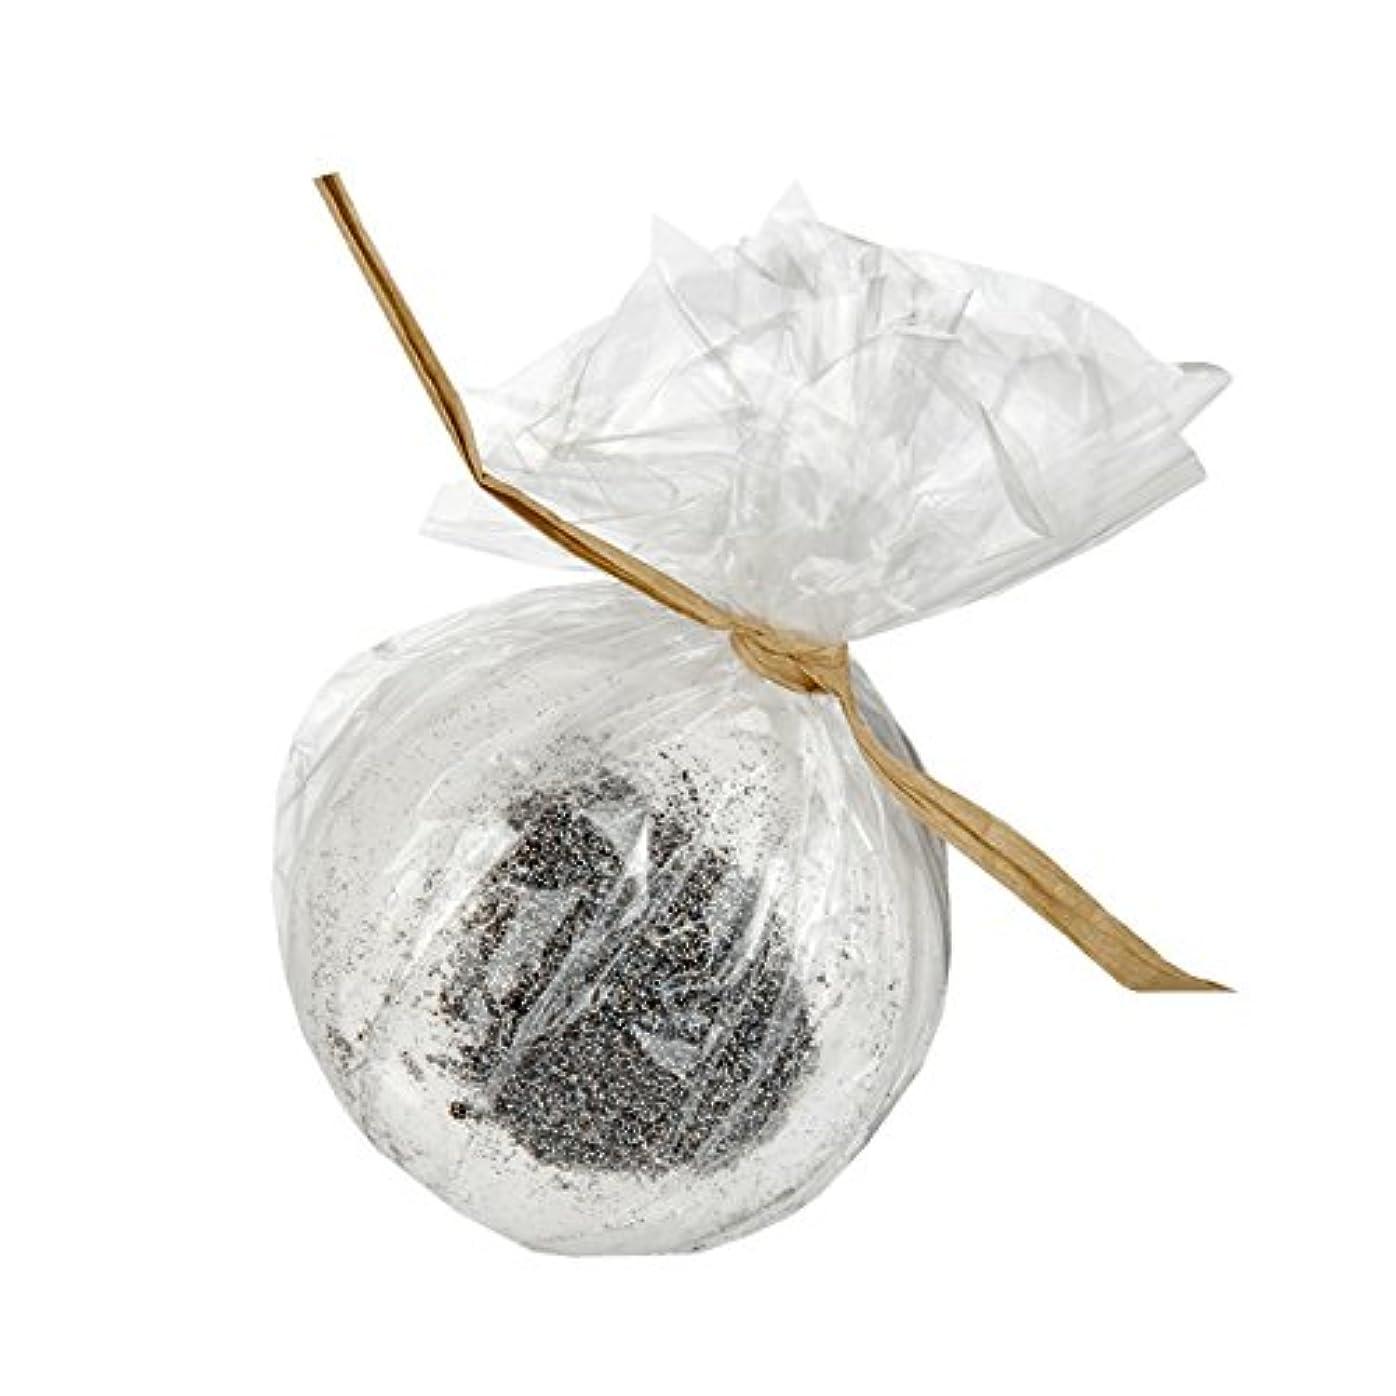 ロンドンスマイル受動的Beauty Kitchen Chill Me Moon Shine Bath Bomb 180g (Pack of 6) - 美しさのキッチンは私に密造酒風呂爆弾180グラムを冷やします (x6) [並行輸入品]